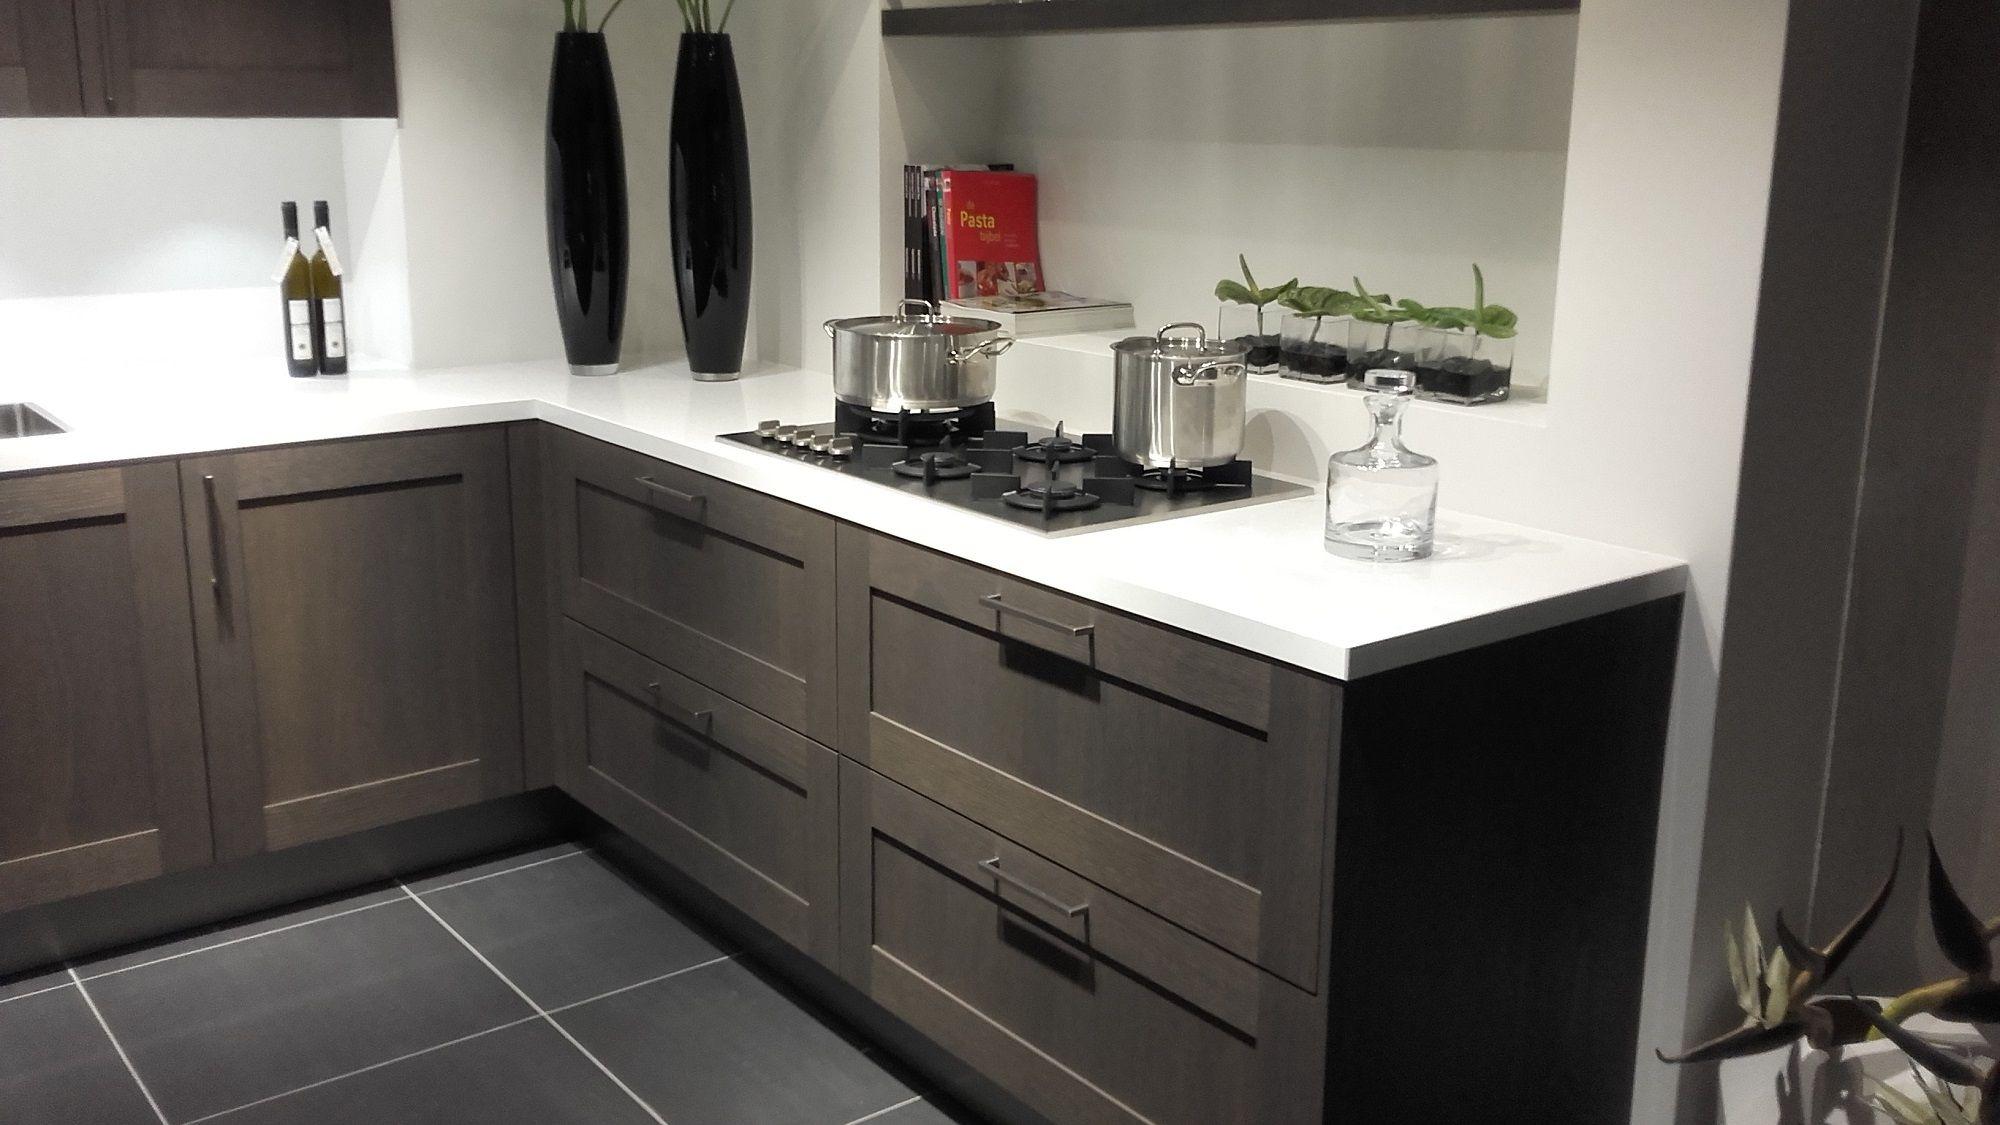 Keukenprijs altijd de beste keukenprijs landelijke keuken met miele apparatuur 50454 - De beste hedendaagse keukens ...